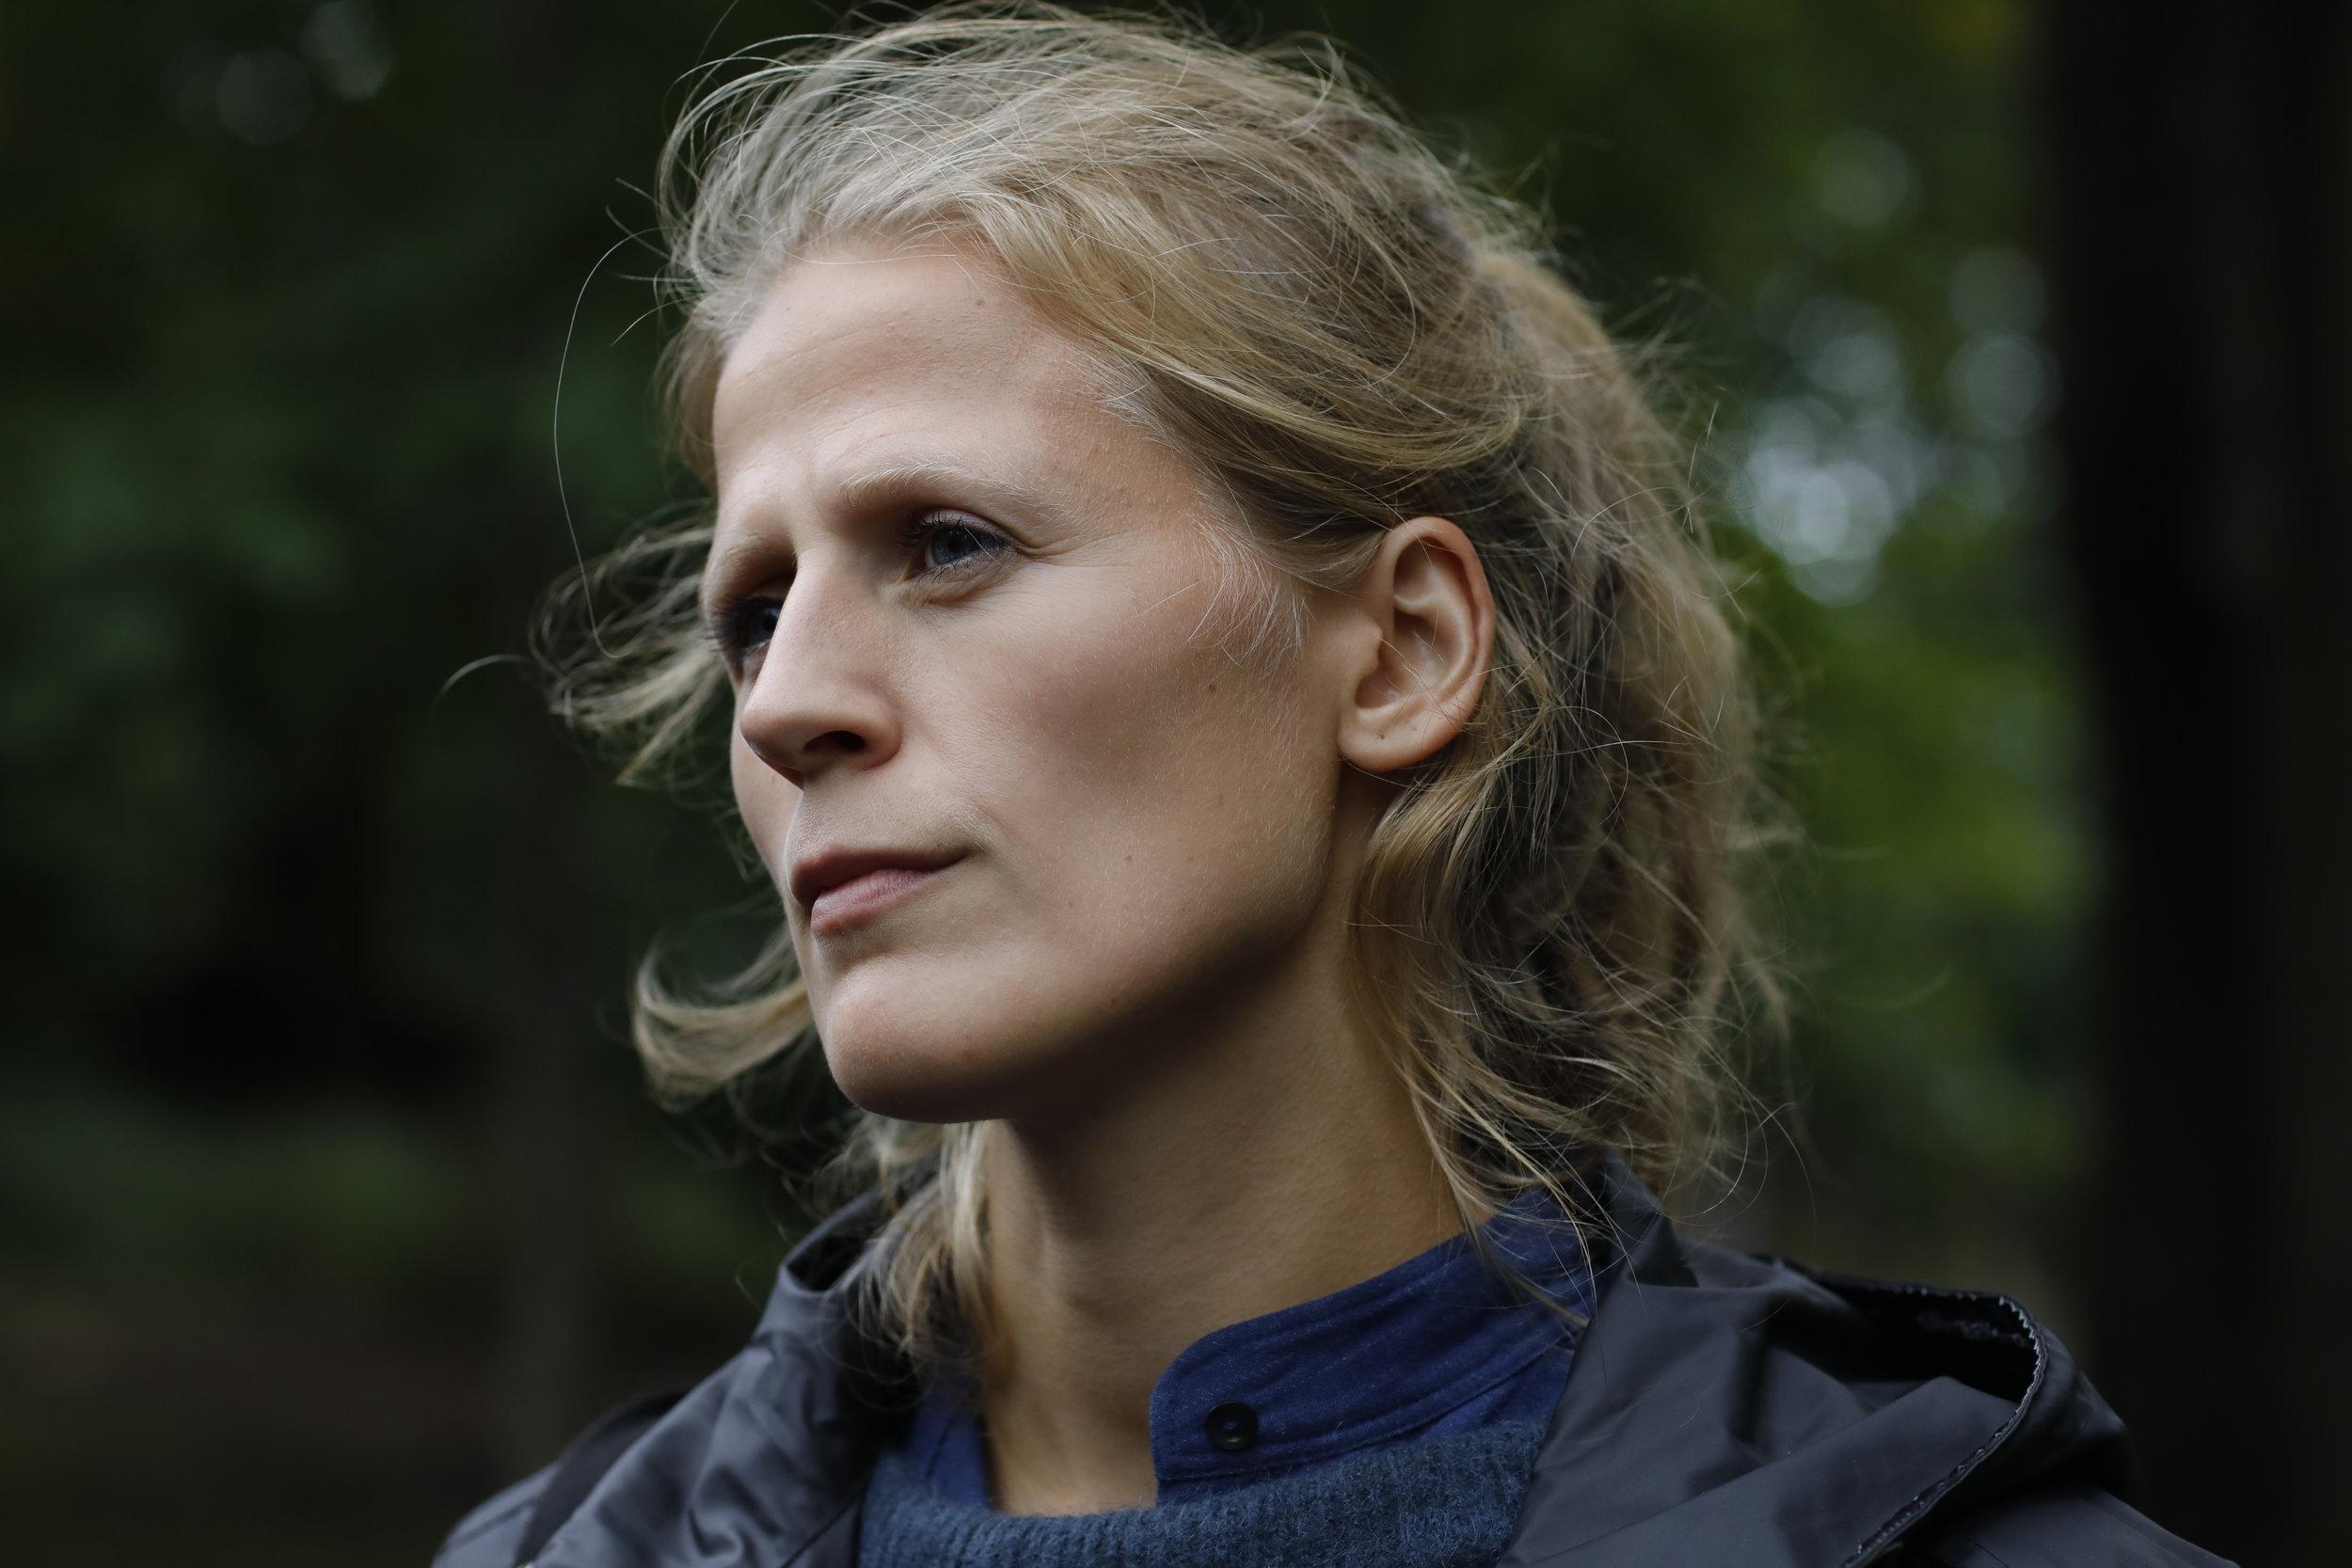 Mari Sund Morken - L.L.M (Master of Law)